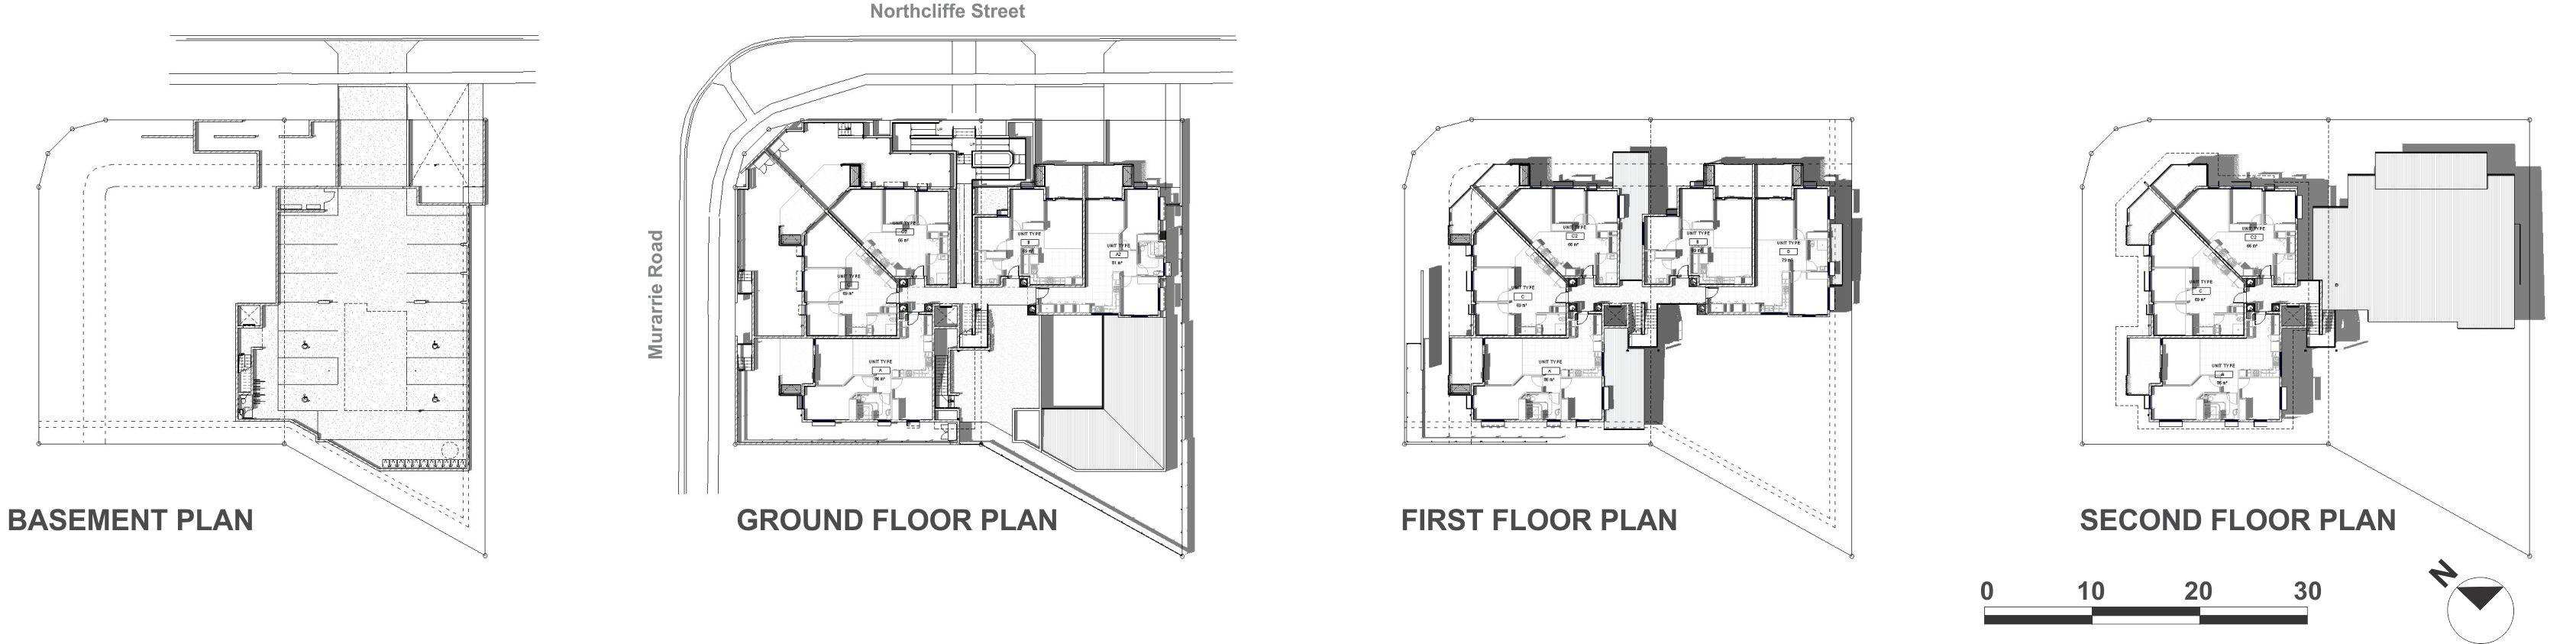 DHPW - General Arrangement Plans